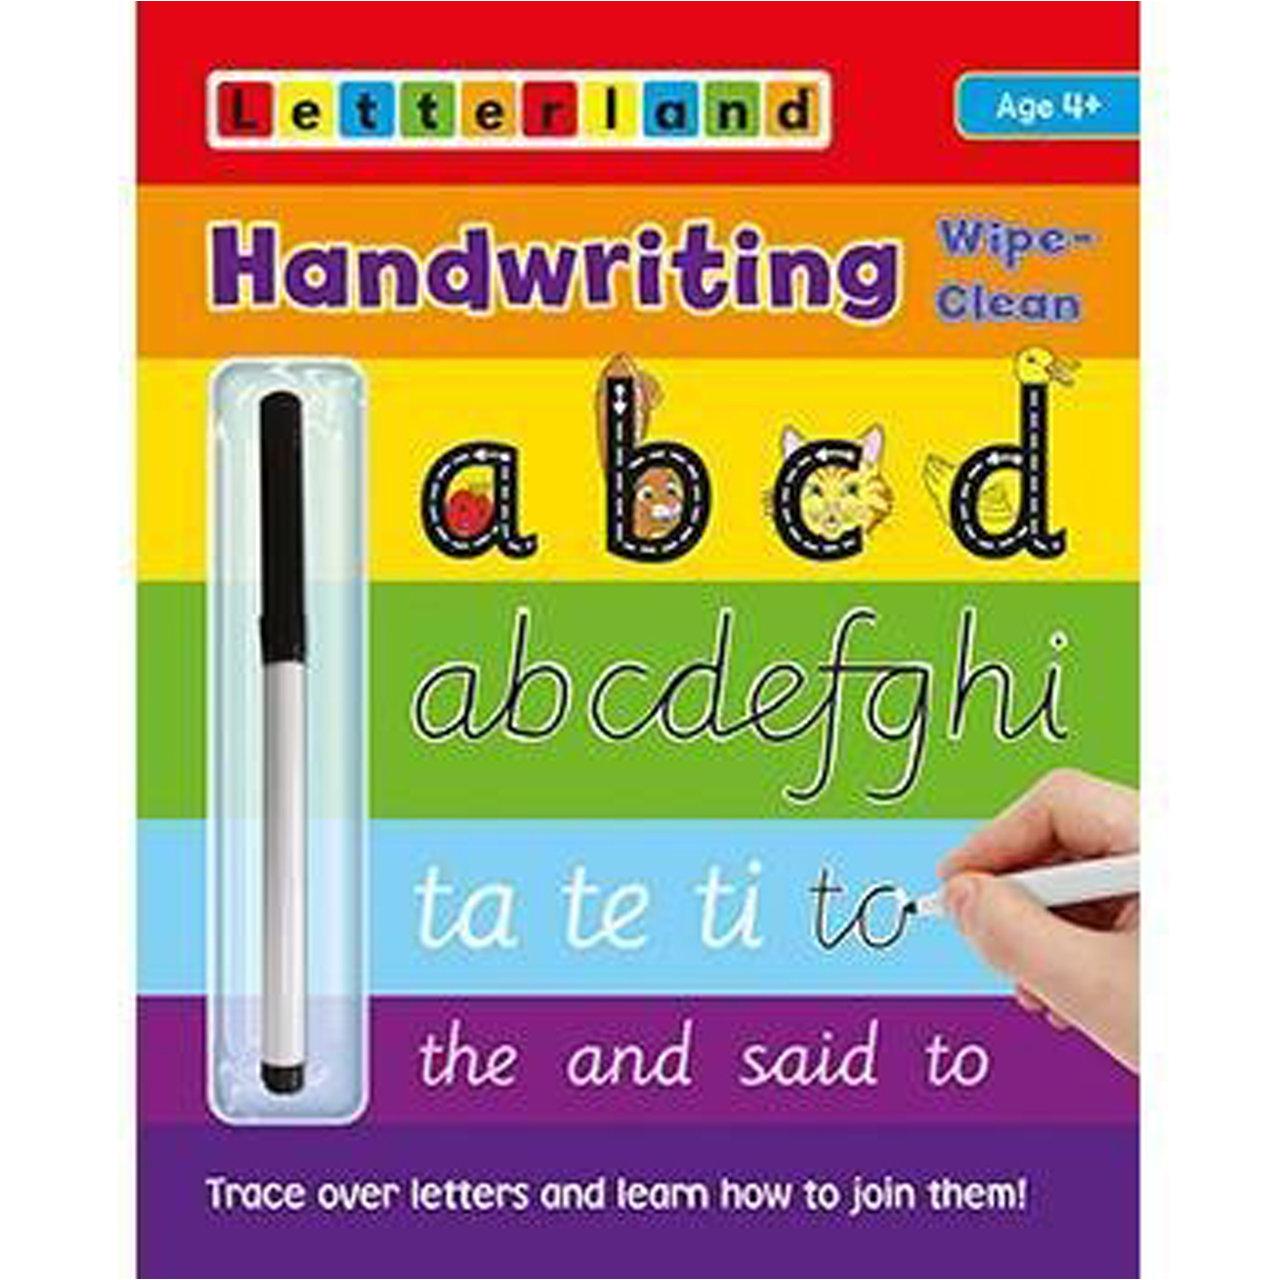 Handwriting Wipe-Clean